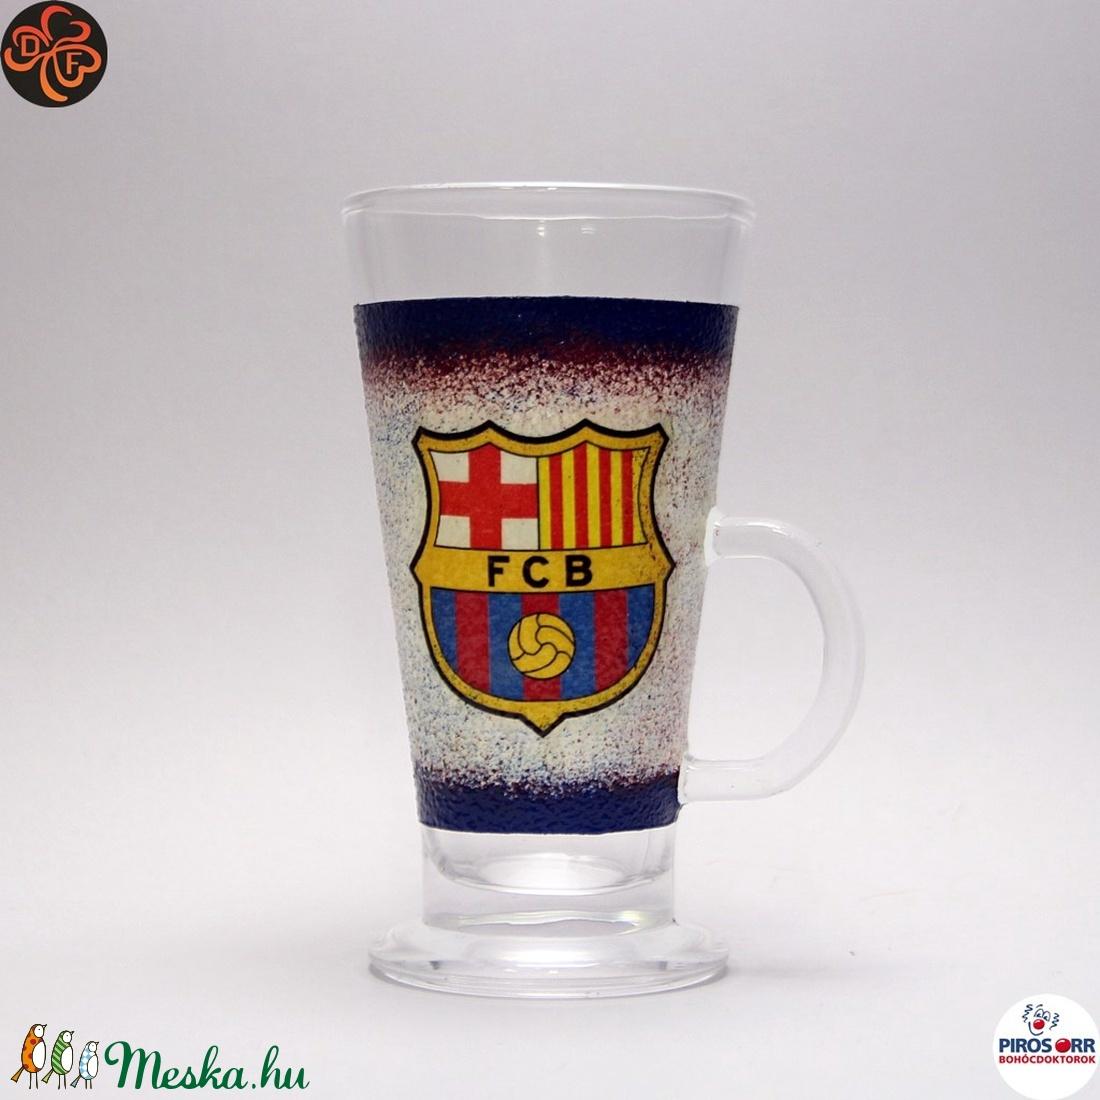 FC Barcelona kávés pohár ; foci szurkolóknak (decorfantasy) - Meska.hu